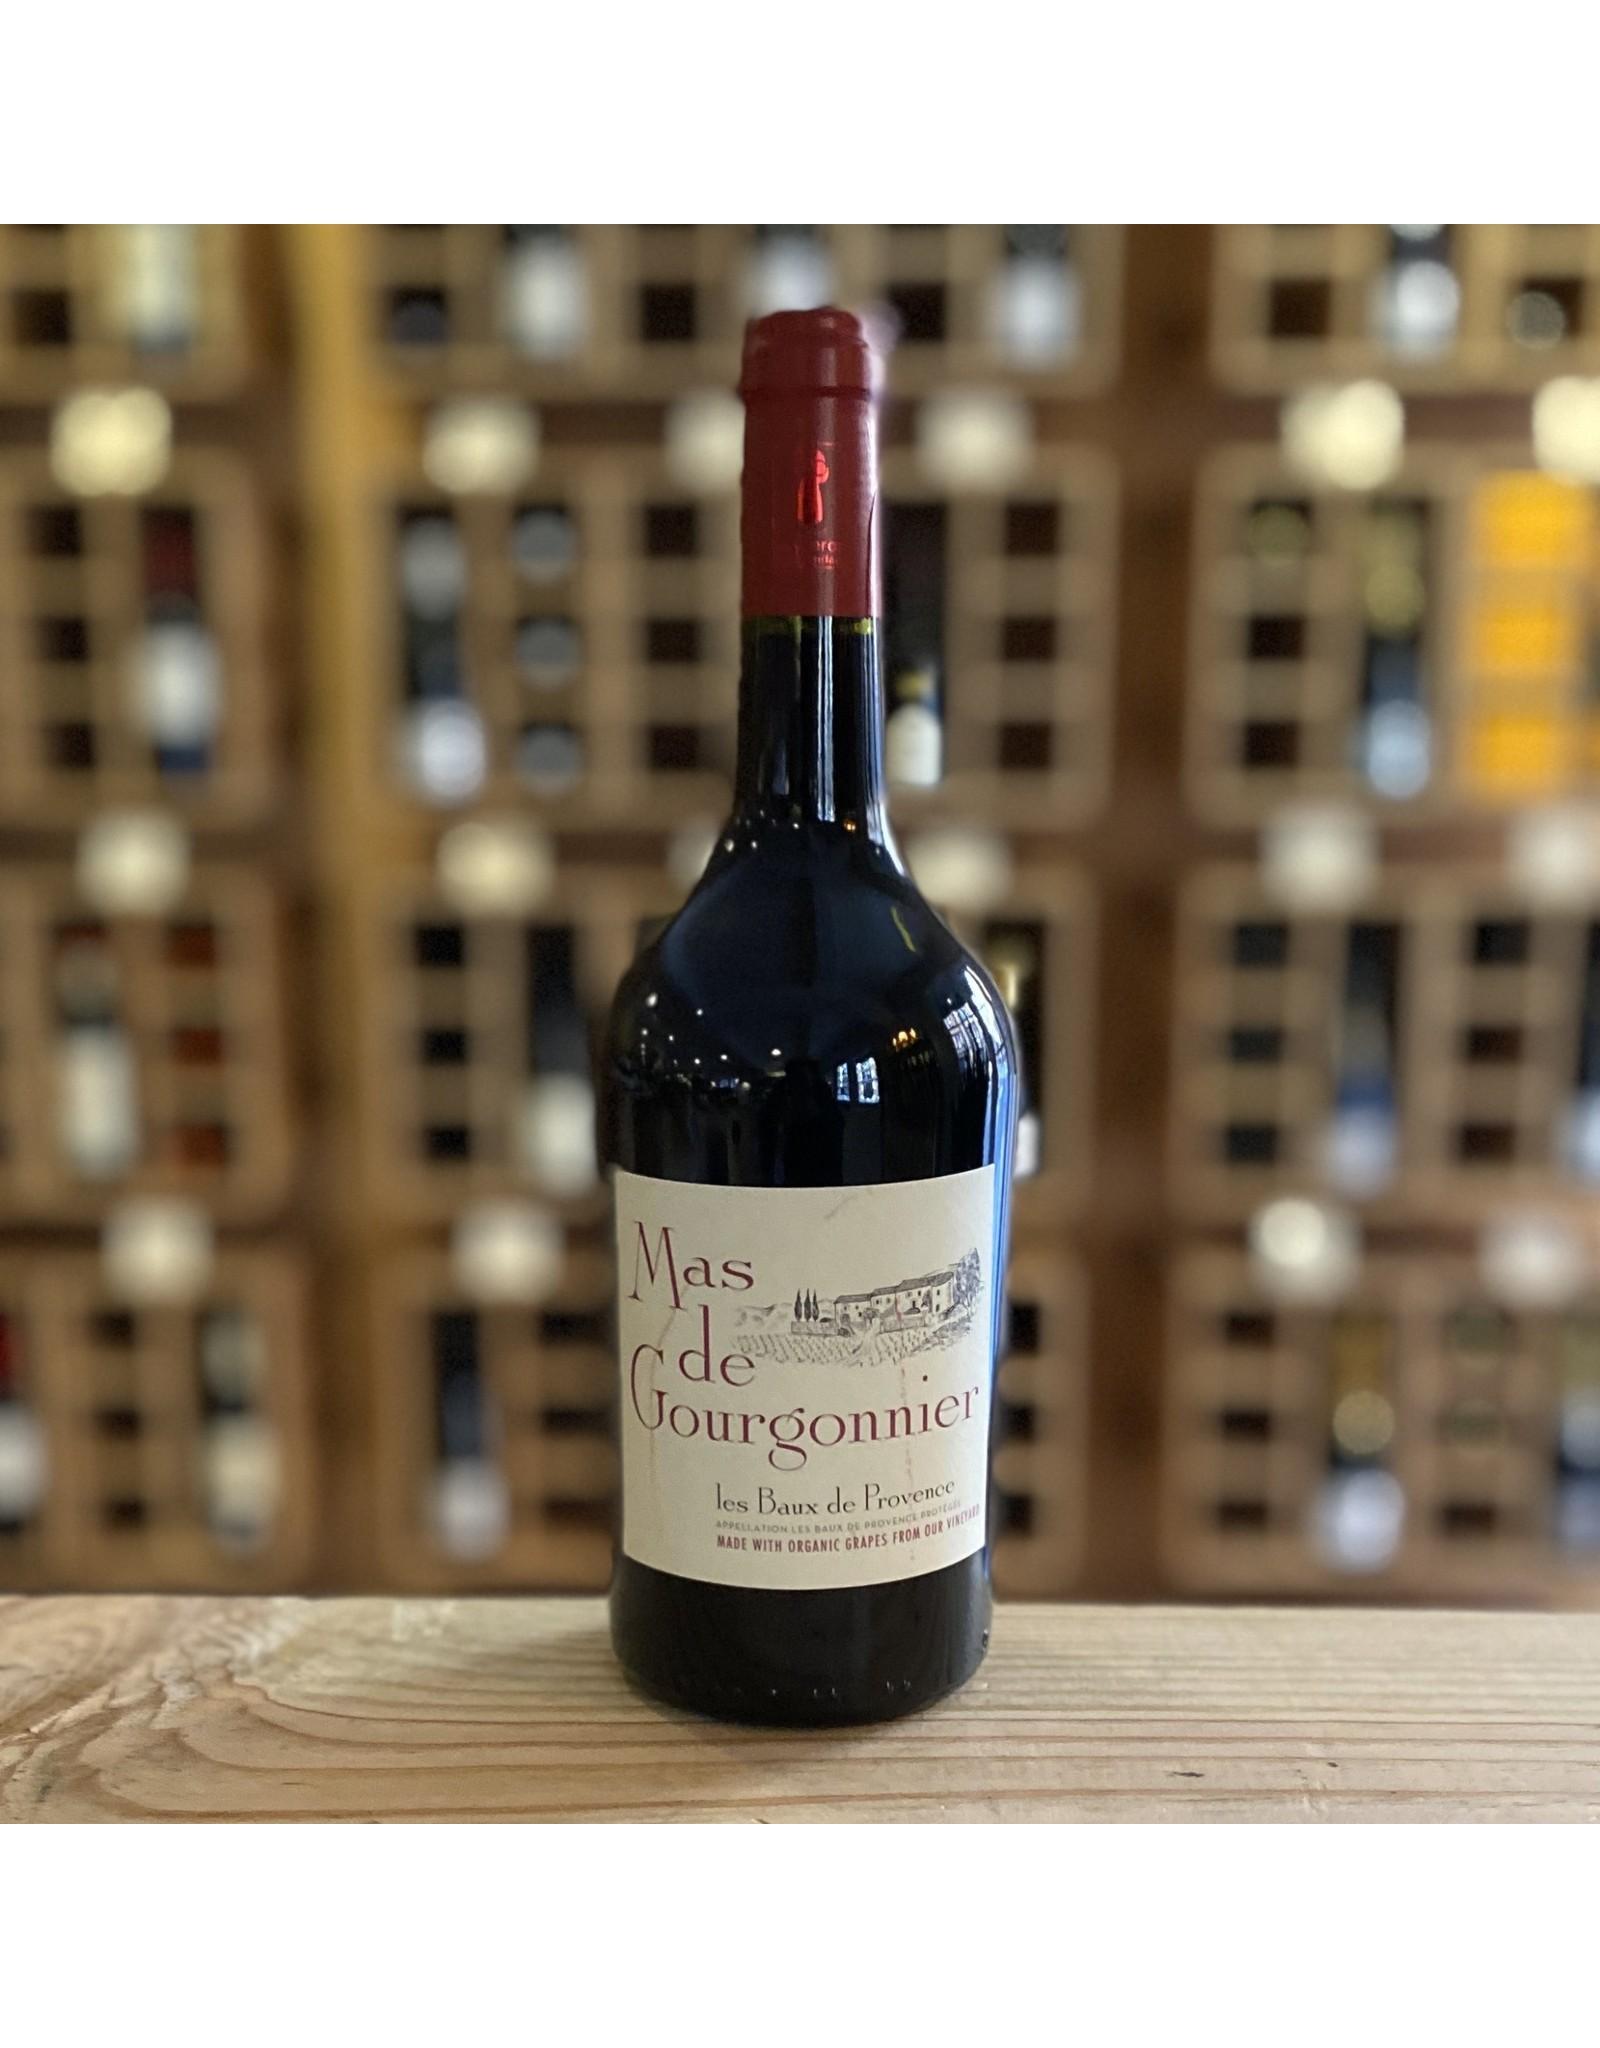 Provence Mas de Gourgonnier Baux de Provence Rouge 2018 - Provence, FR